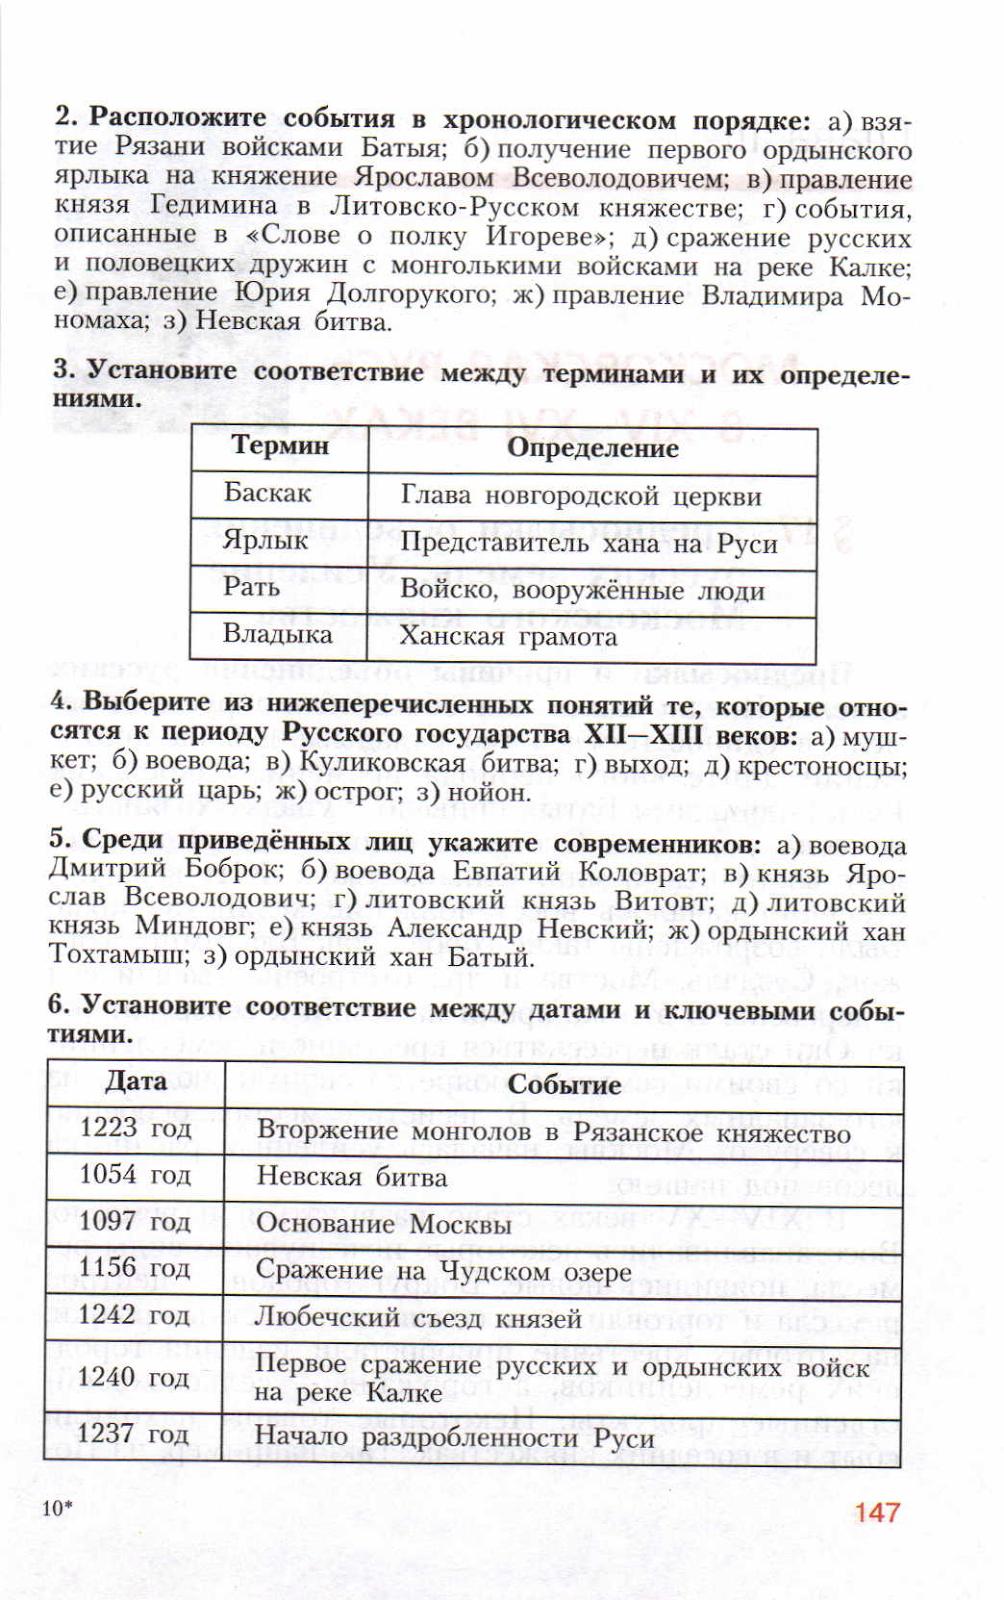 тест по истории россии с ответами 7 класс: